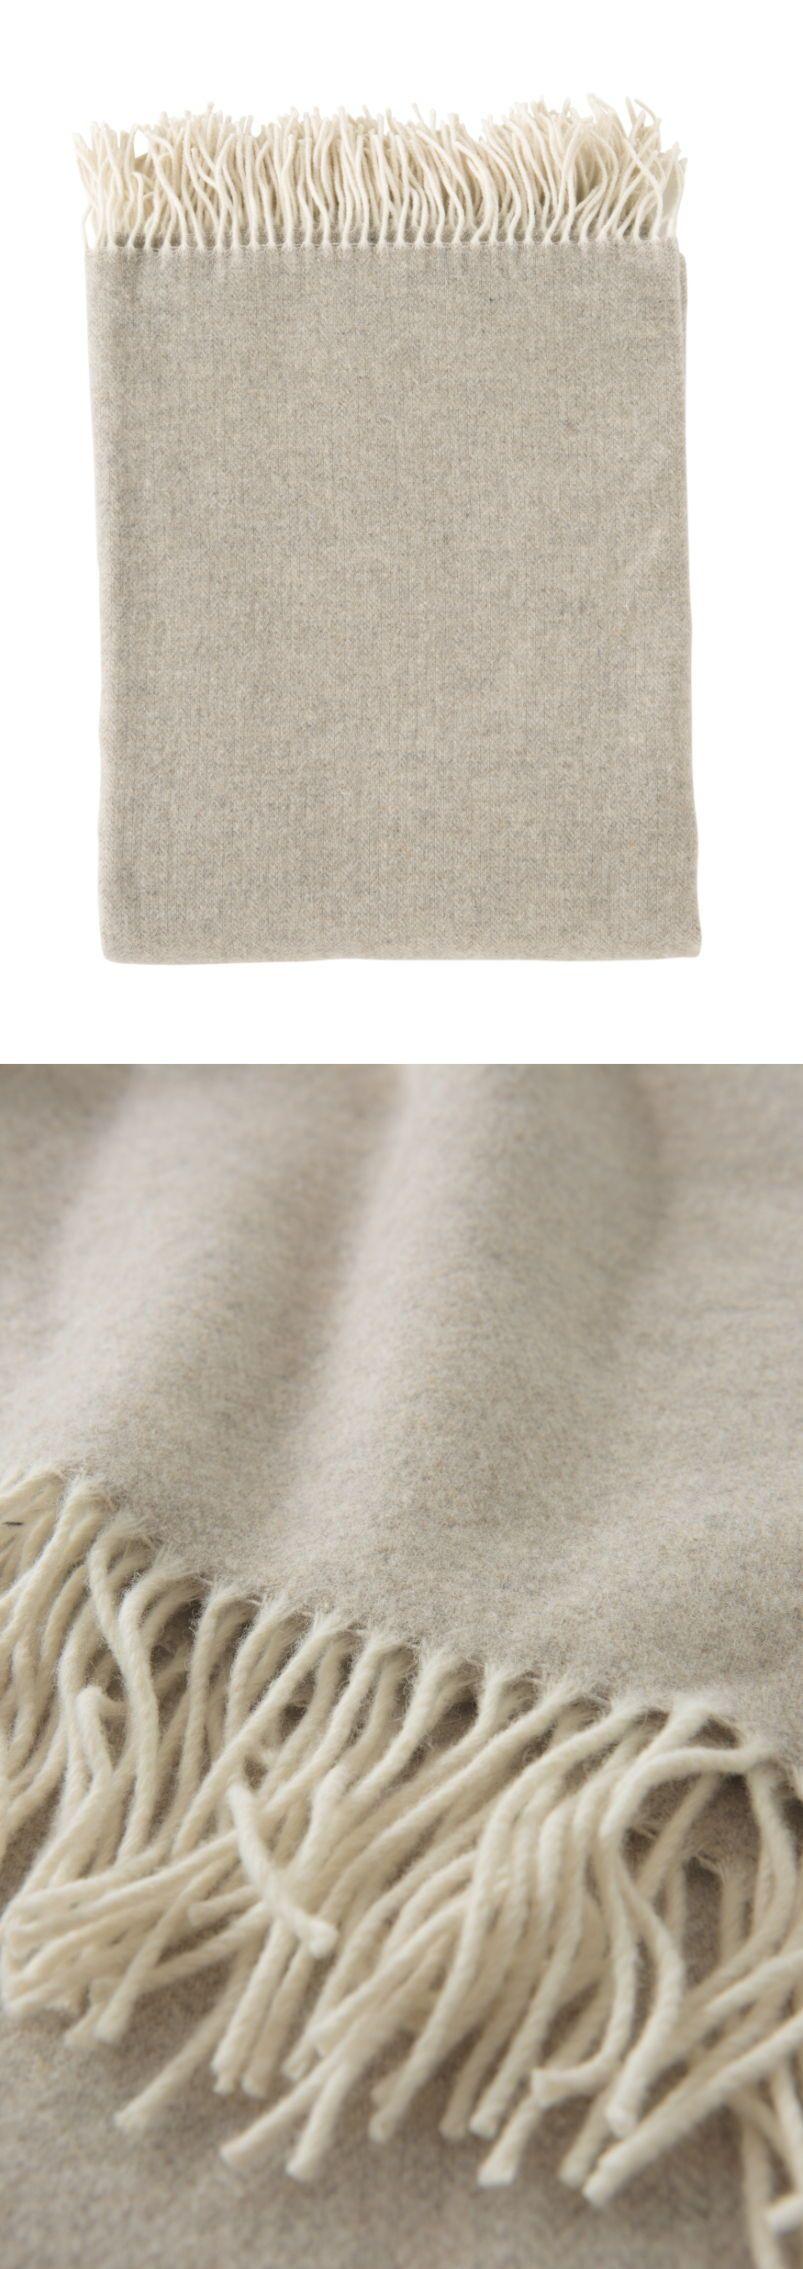 Wolldecke Beige Grau Wolldecke Deckchen Und Tagesdecke